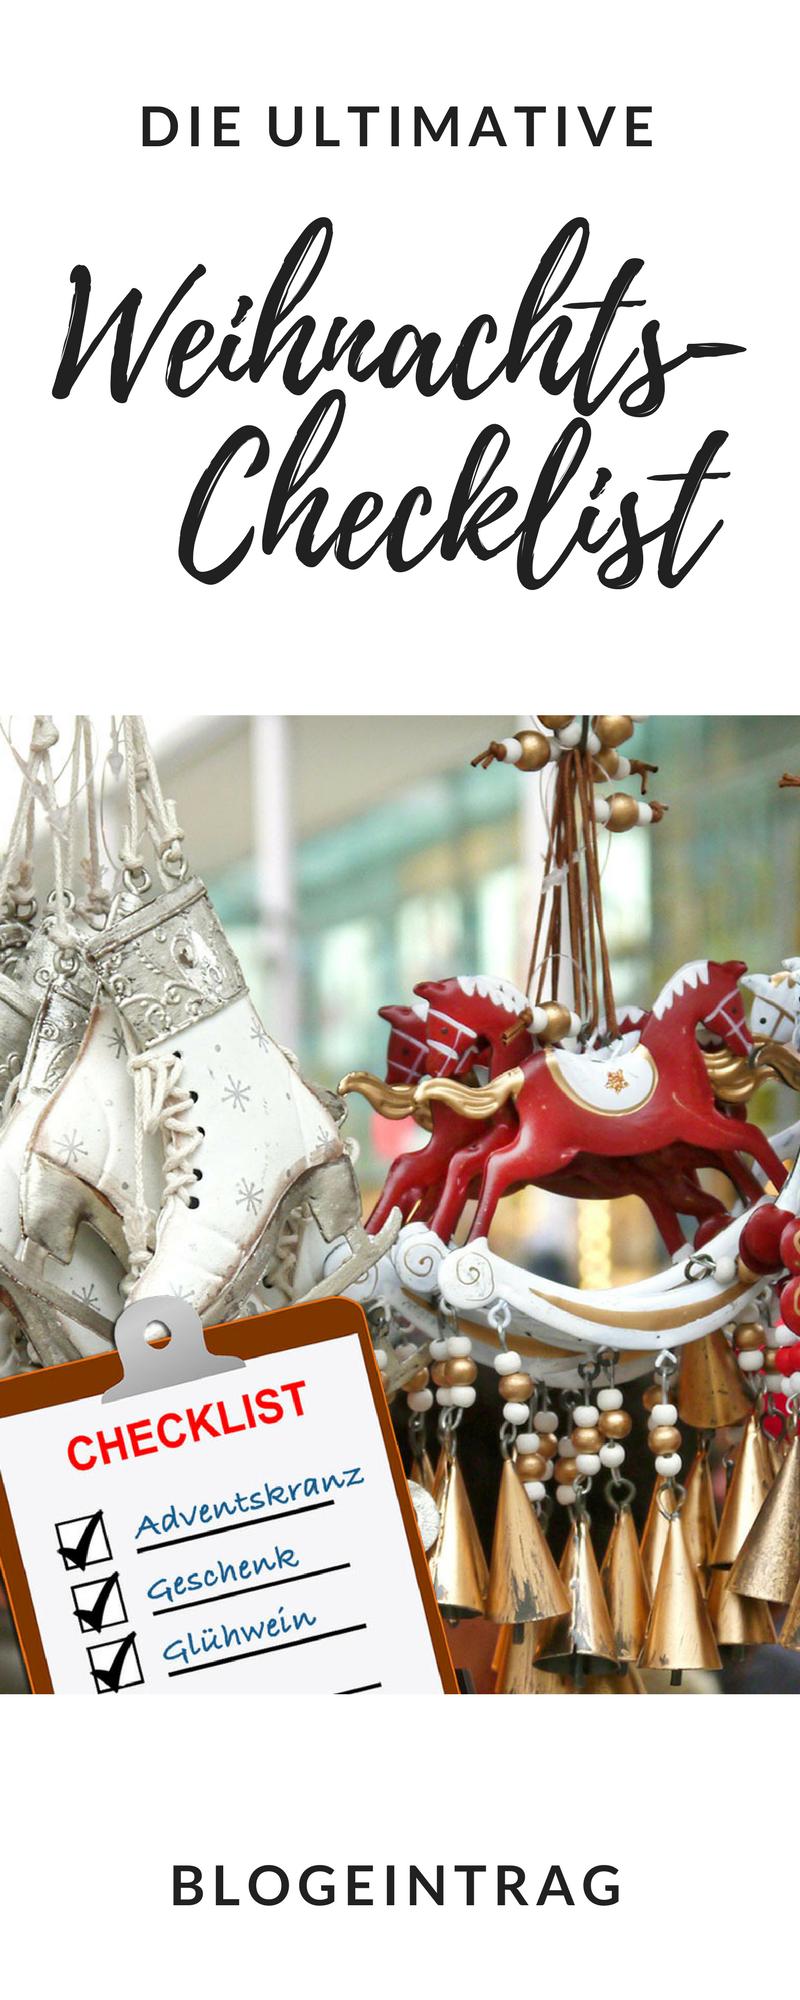 Weihnachtsgeschenke - Check! Adventskanz - Check! Weihnachtsgebäck ...